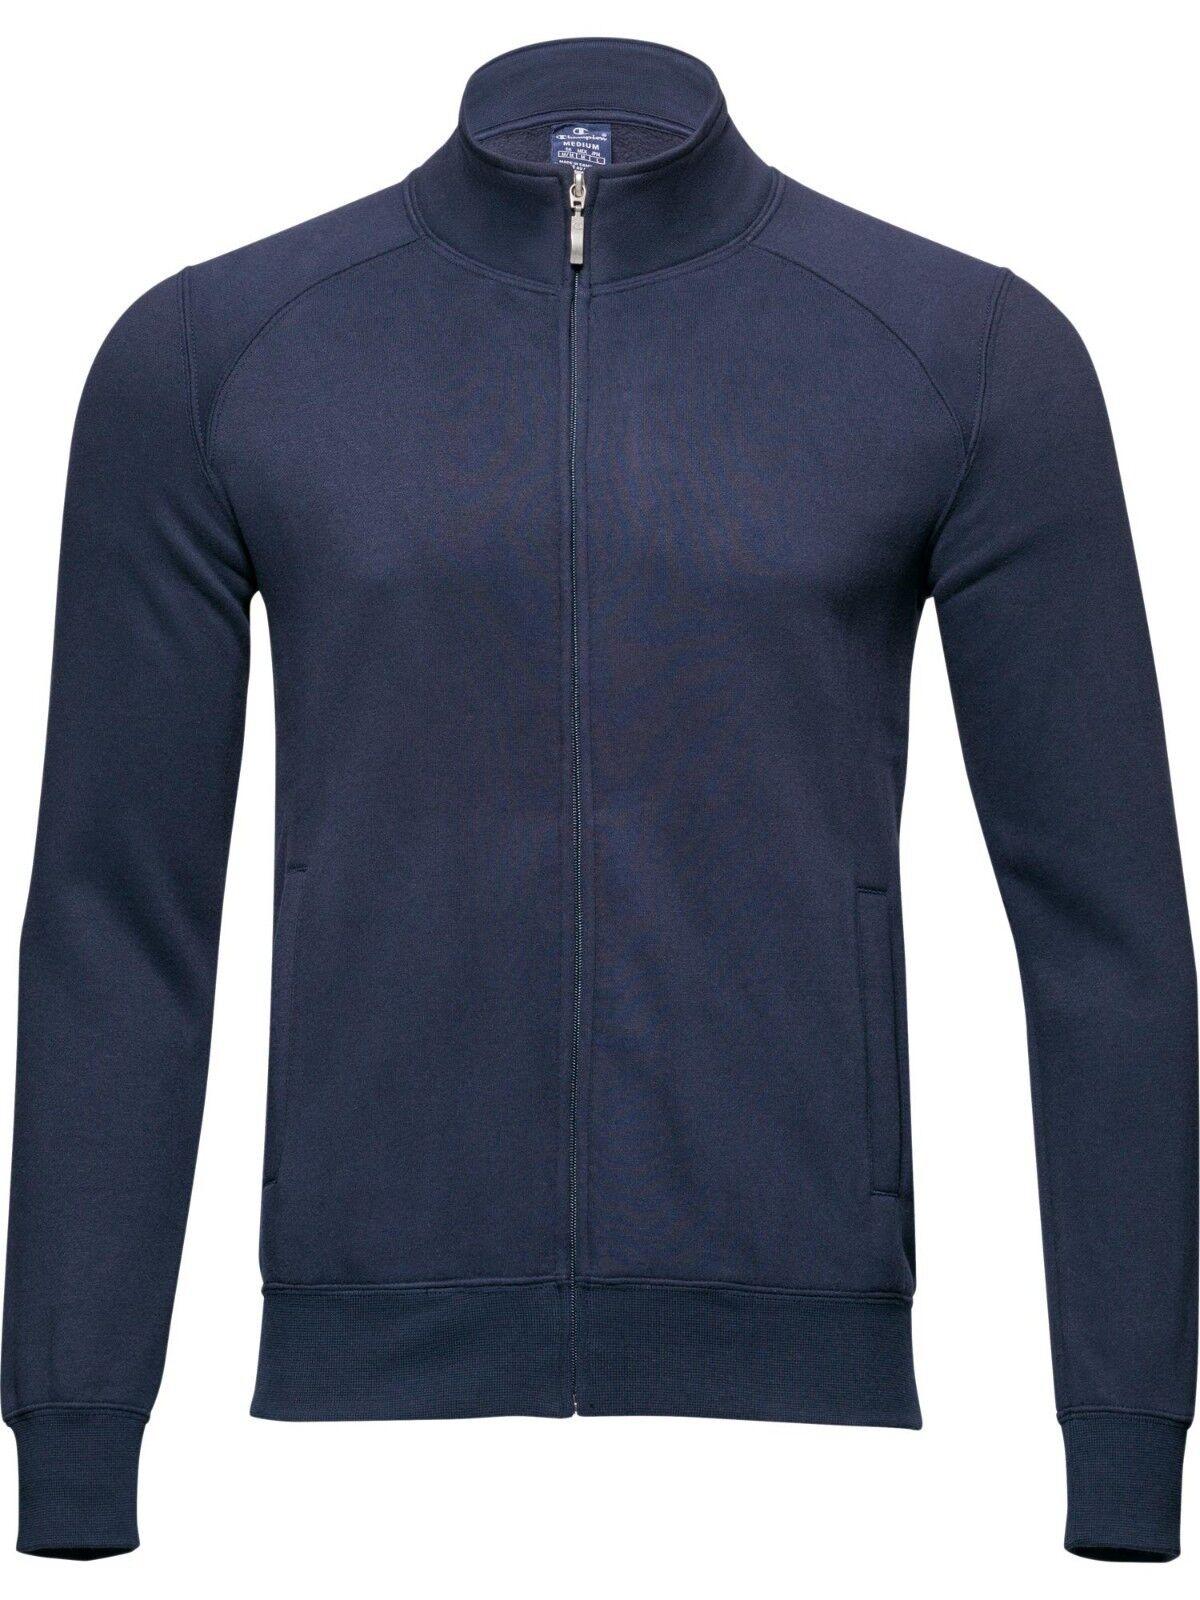 Männer Pullover FULLZIP Baumwolle Plüsch CHAMPION art. 211955 blau